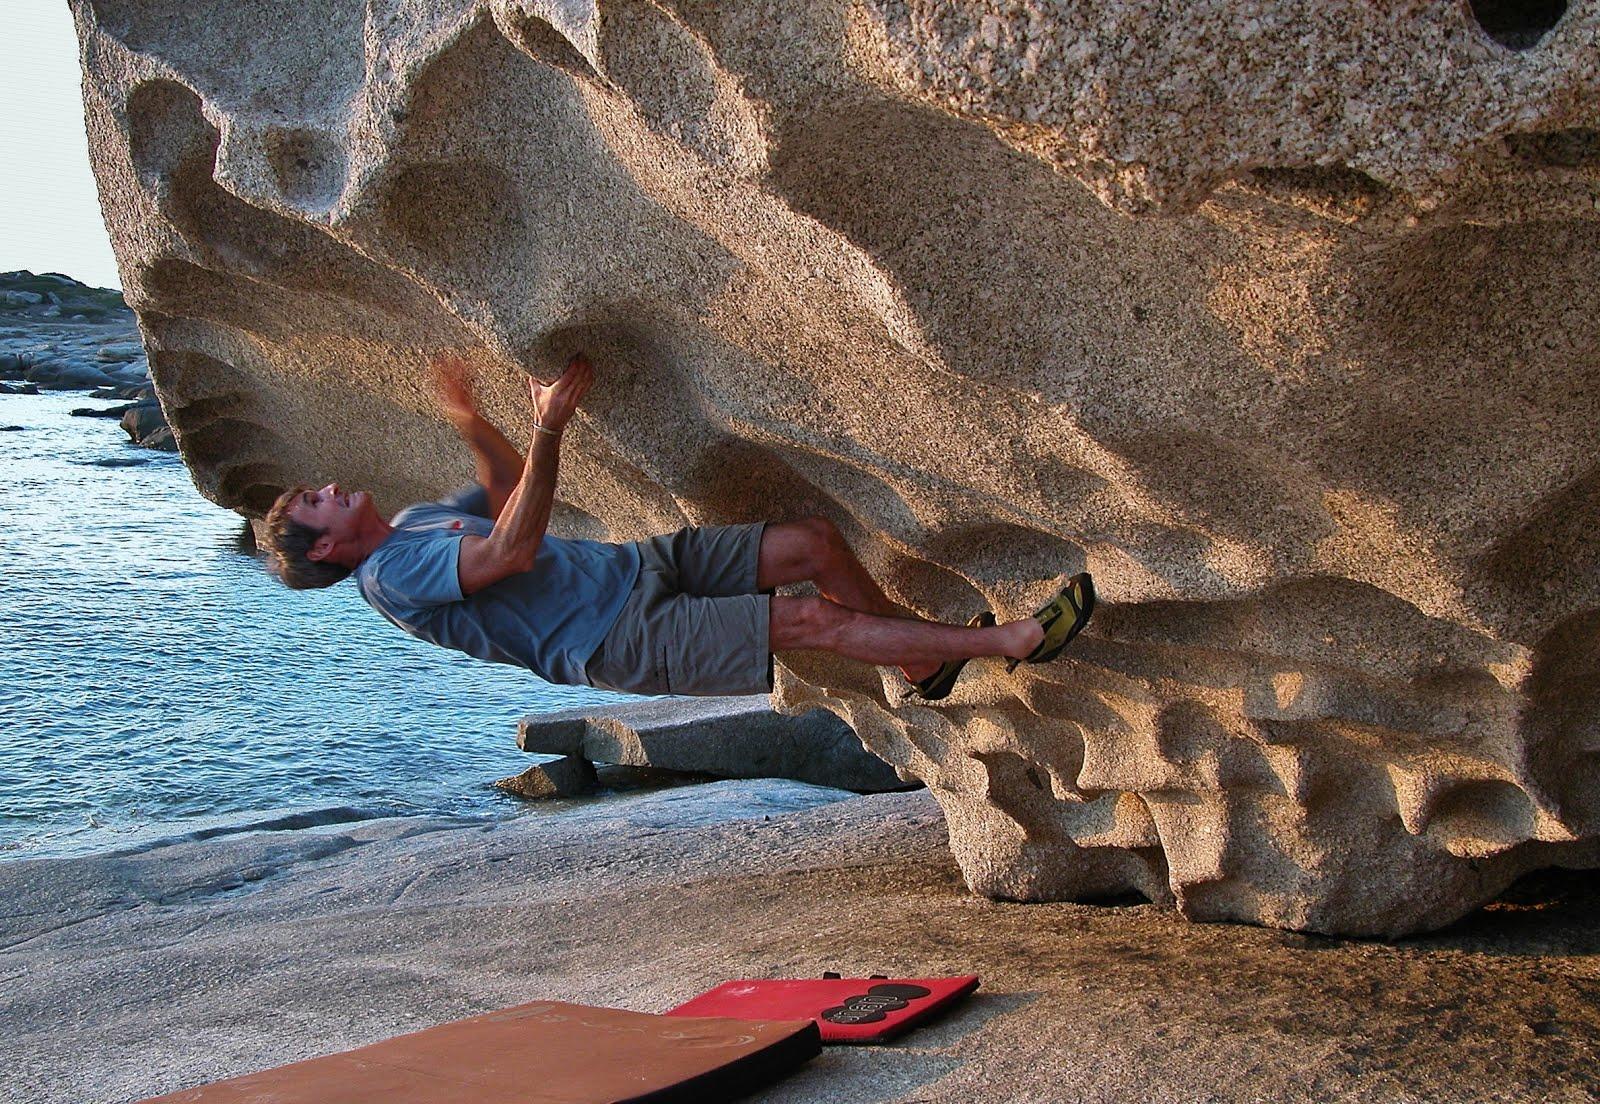 Bleau spirit il tait une fois un long rocher un peu - Requin enclume ...